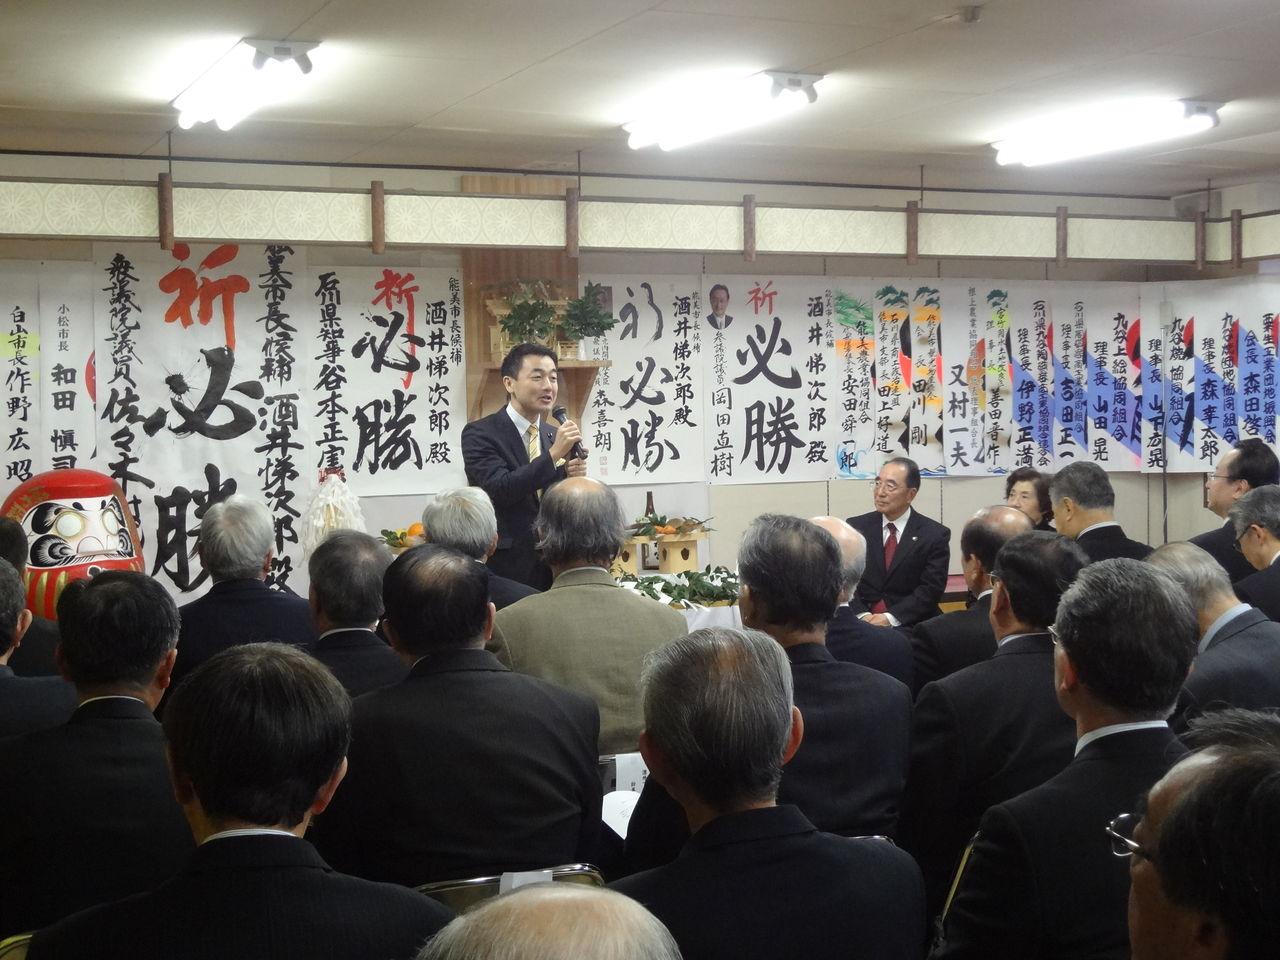 2013:01:13:2247酒井悌次郎氏後援会事務所開き